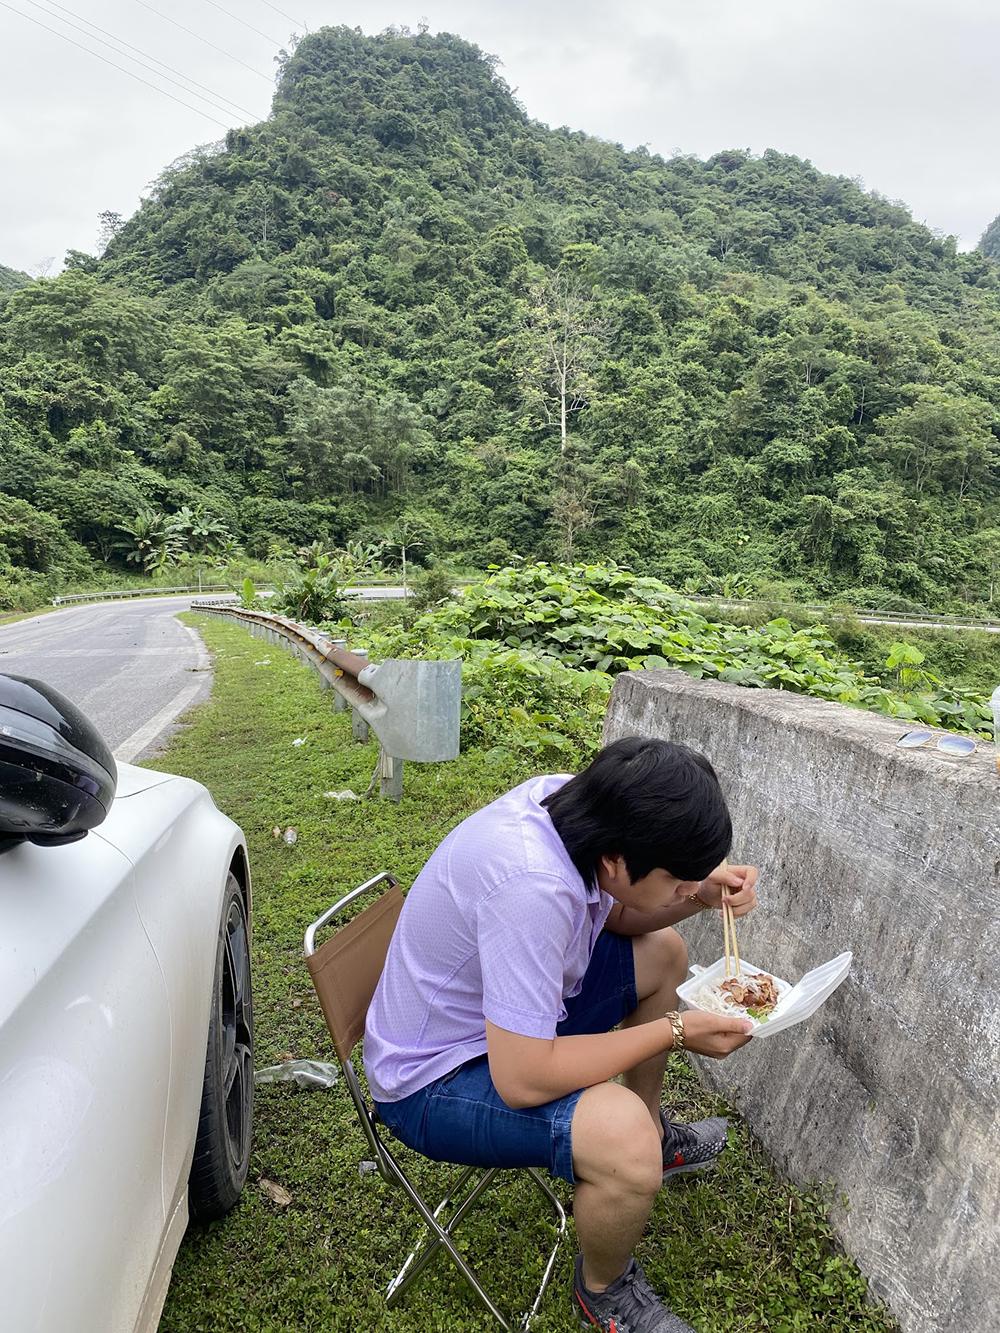 Hình ảnh Khoa Pug ngồi ăn bên đường